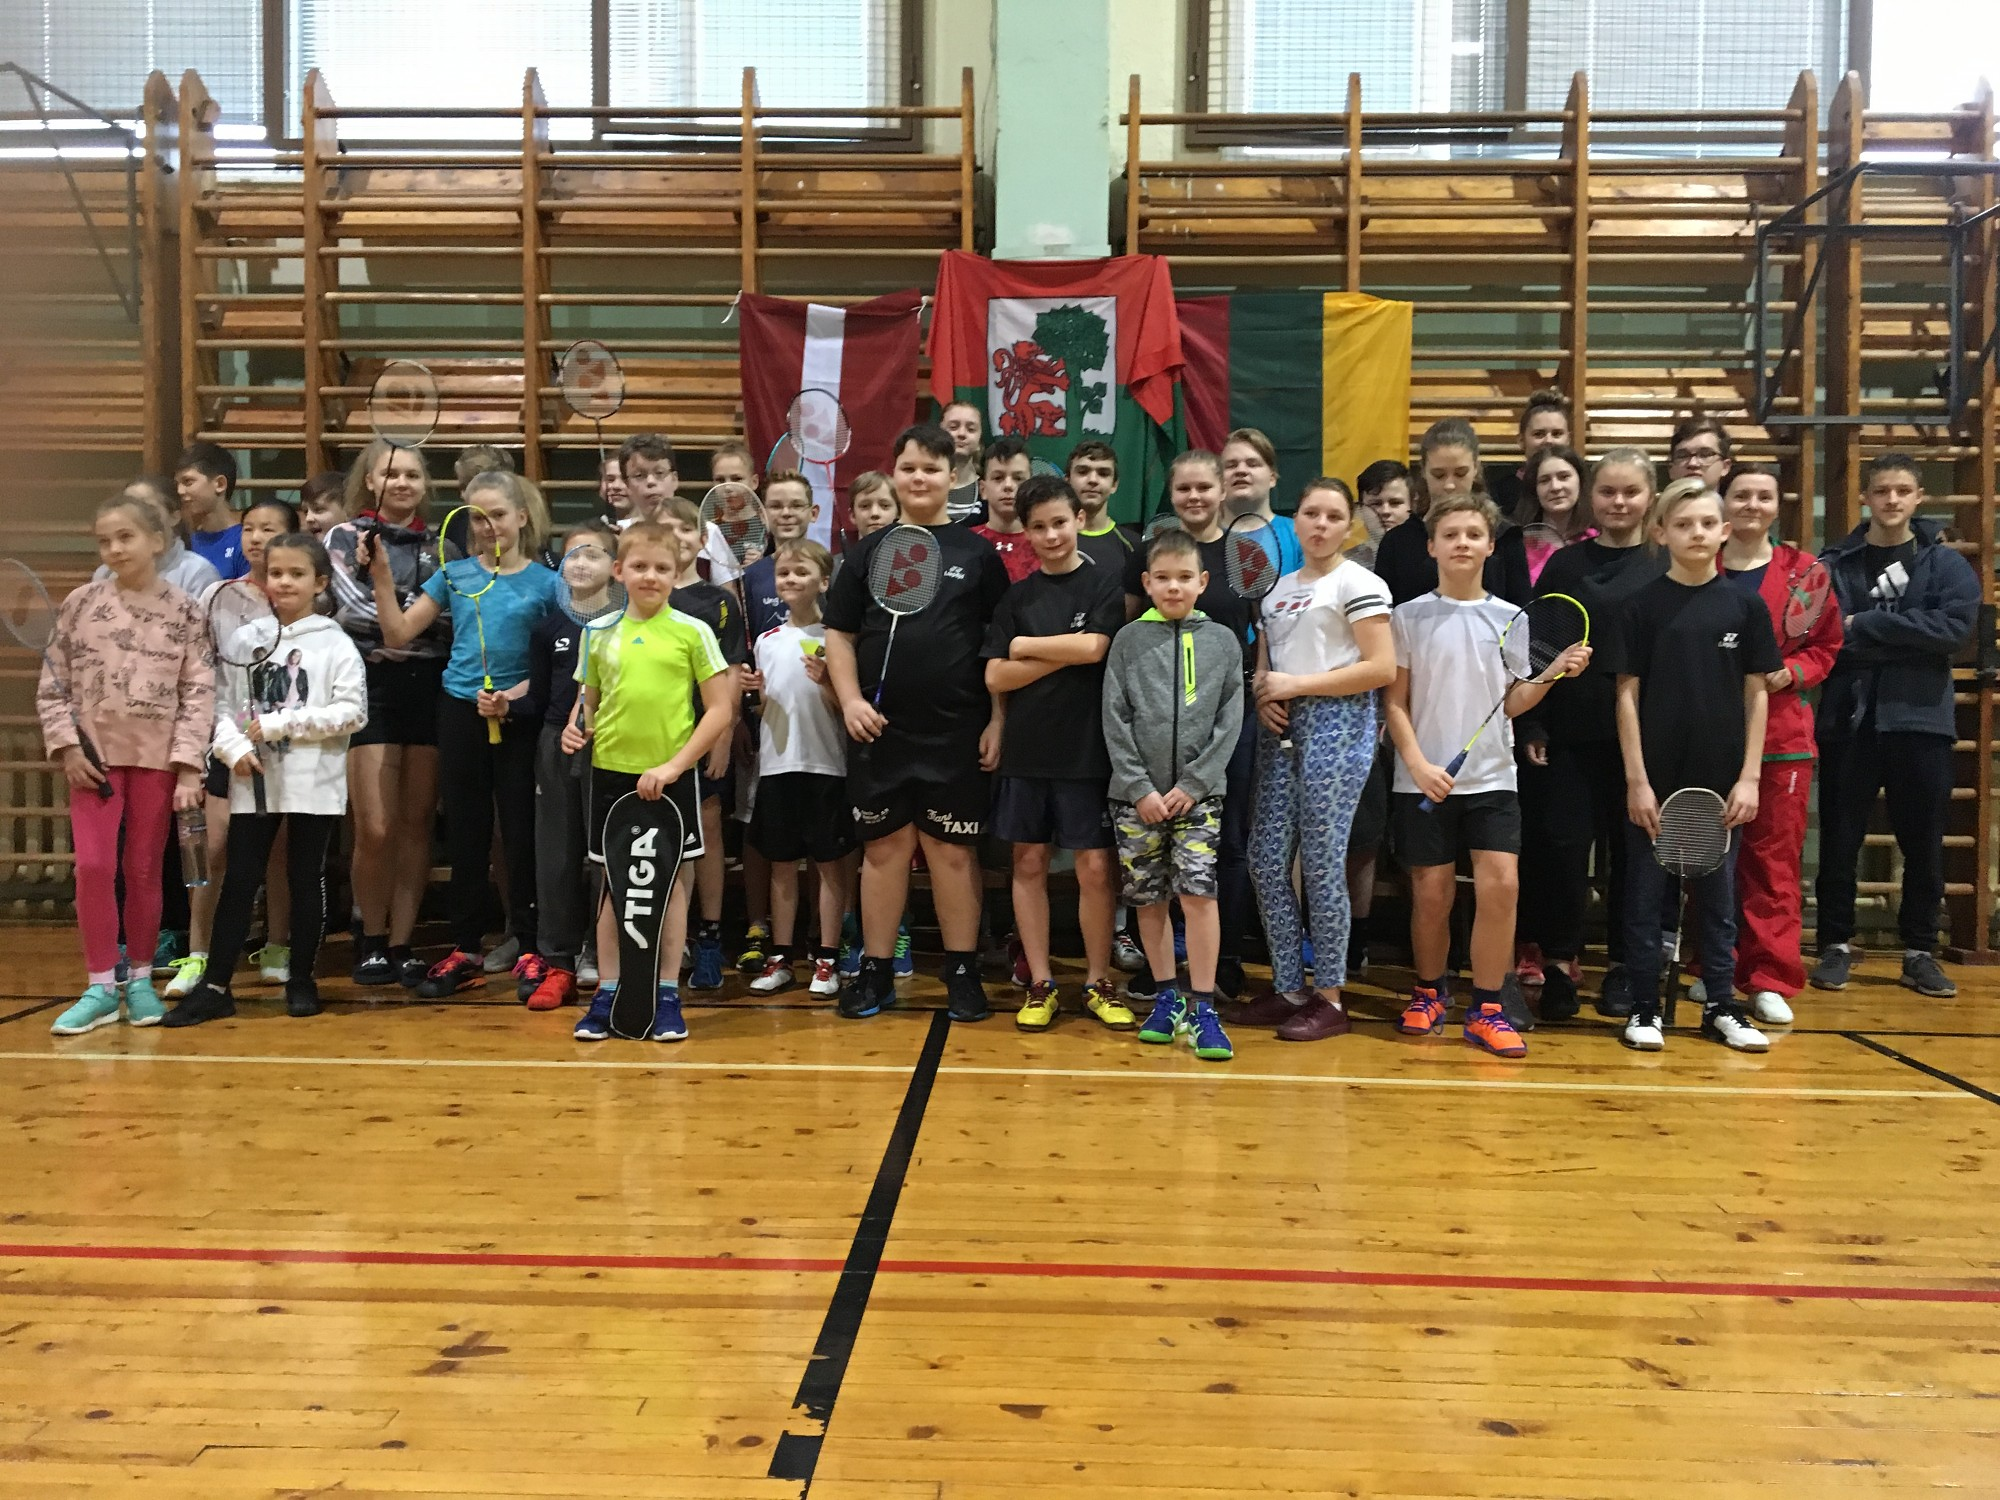 Veiksmīgi aizvada badmintona turnīru